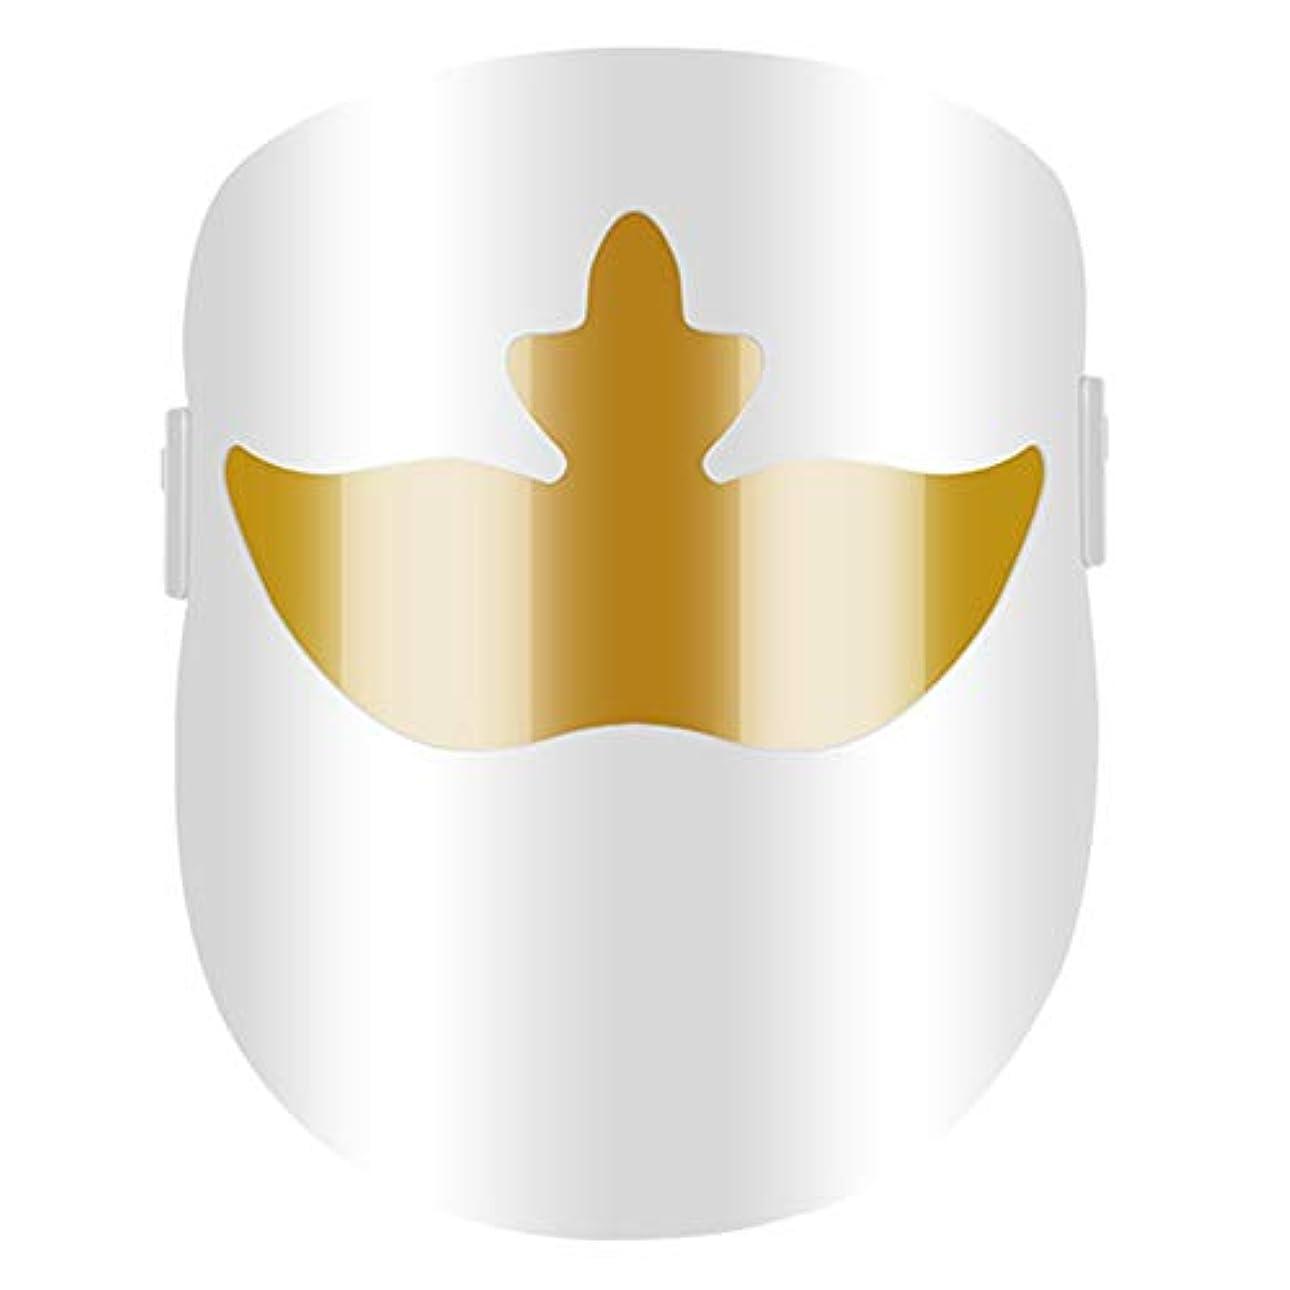 選出する情熱的見積りLEDフェイスマスク3色フォトンブルーレッドライトセラピースキンリジュビネーションアンチエイジングニキビスポットシワそばかす除去フェイシャルホワイトニングフェイシャルスキンケアマスク